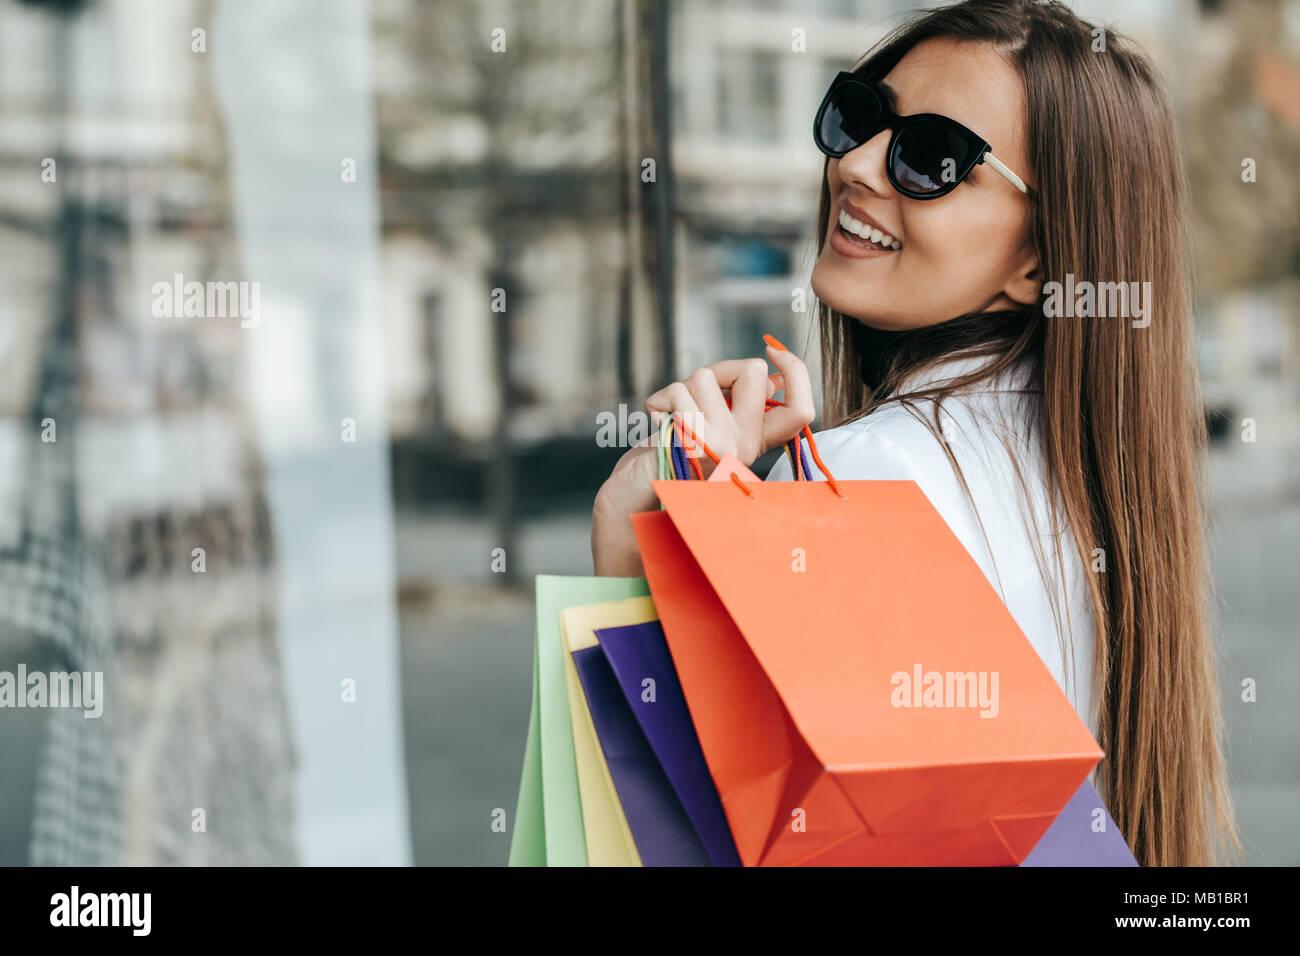 Belle jeune femme à l extérieur avec beaucoup de sacs. Portrait de jeune  femme accro dans les vêtements à la mode avec surprise face. 0708cad0e383